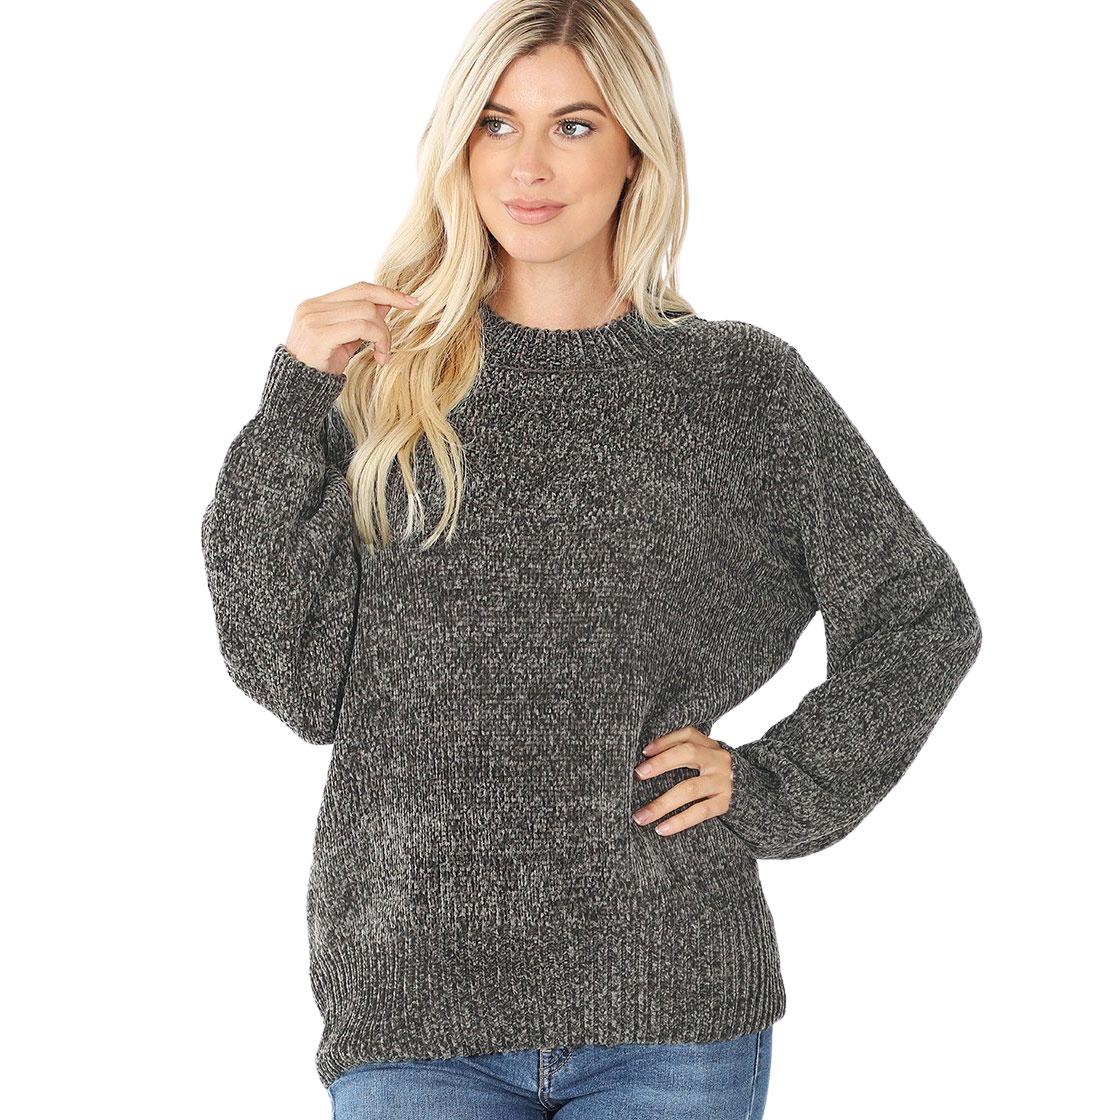 Sweater - Round Neck Balloon Sleeve Chenille 3419